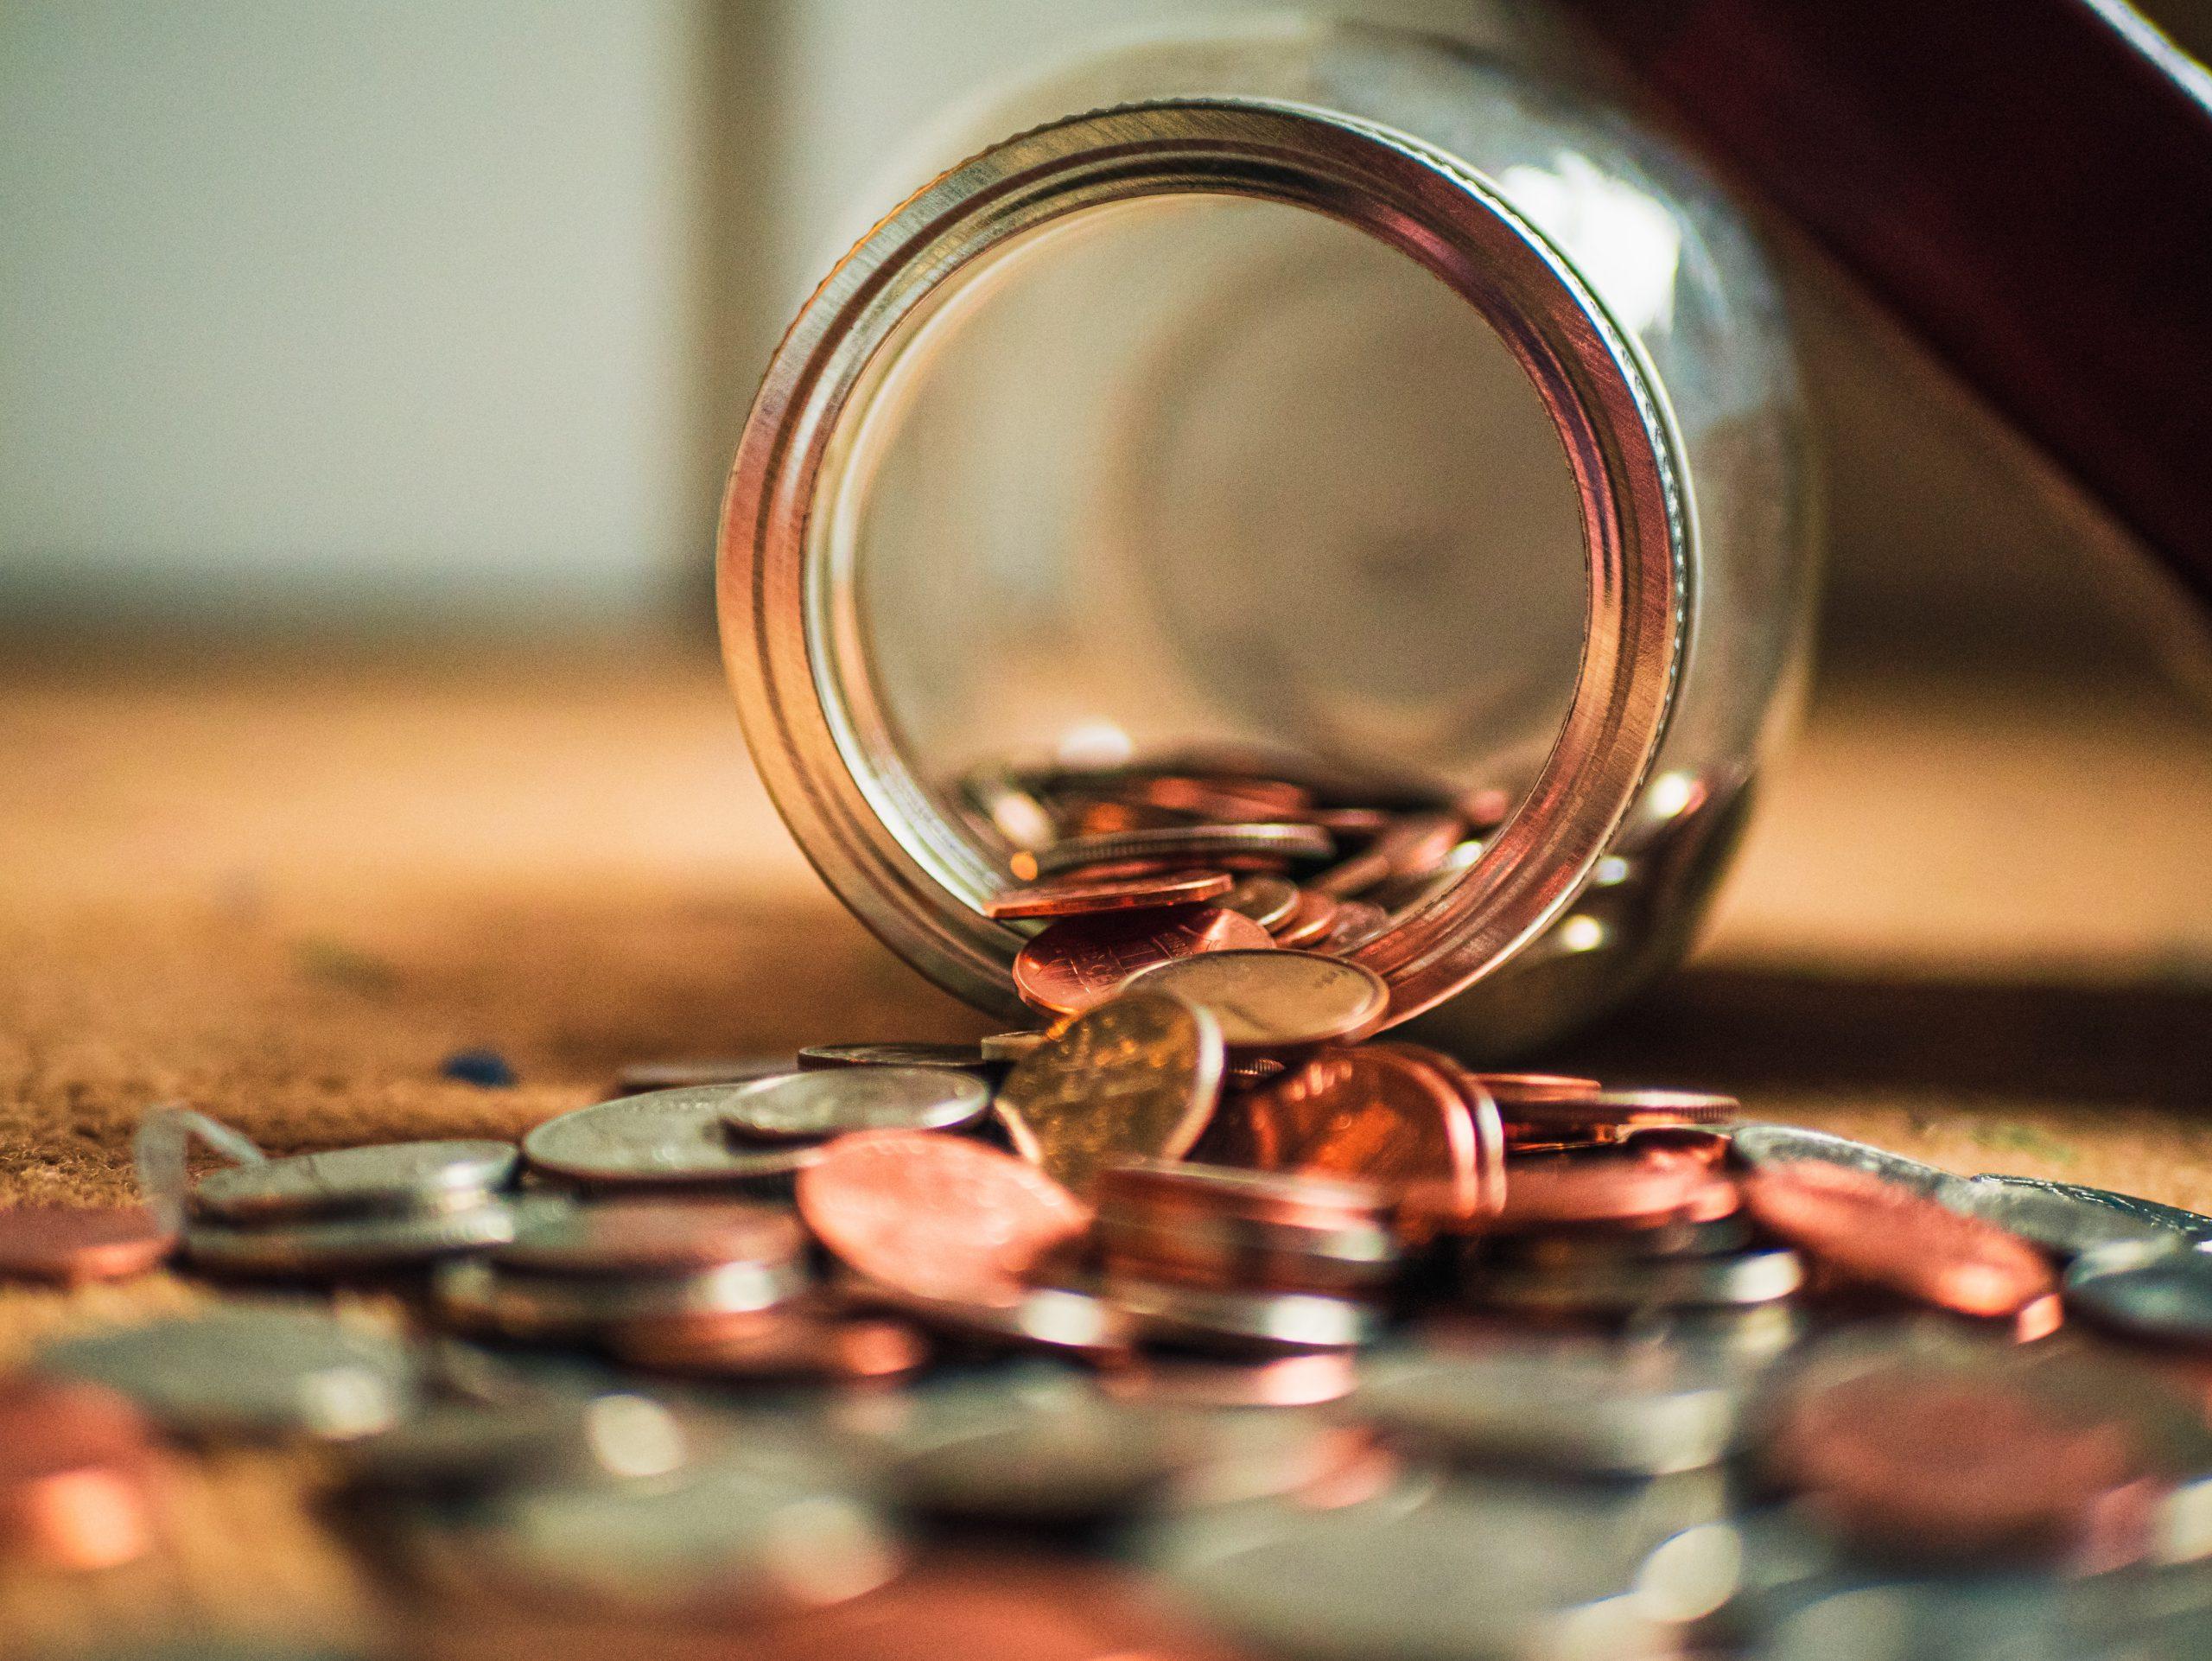 Reguli poker online -- află cum să faci bani mai mulți alături de Bani de Poker!